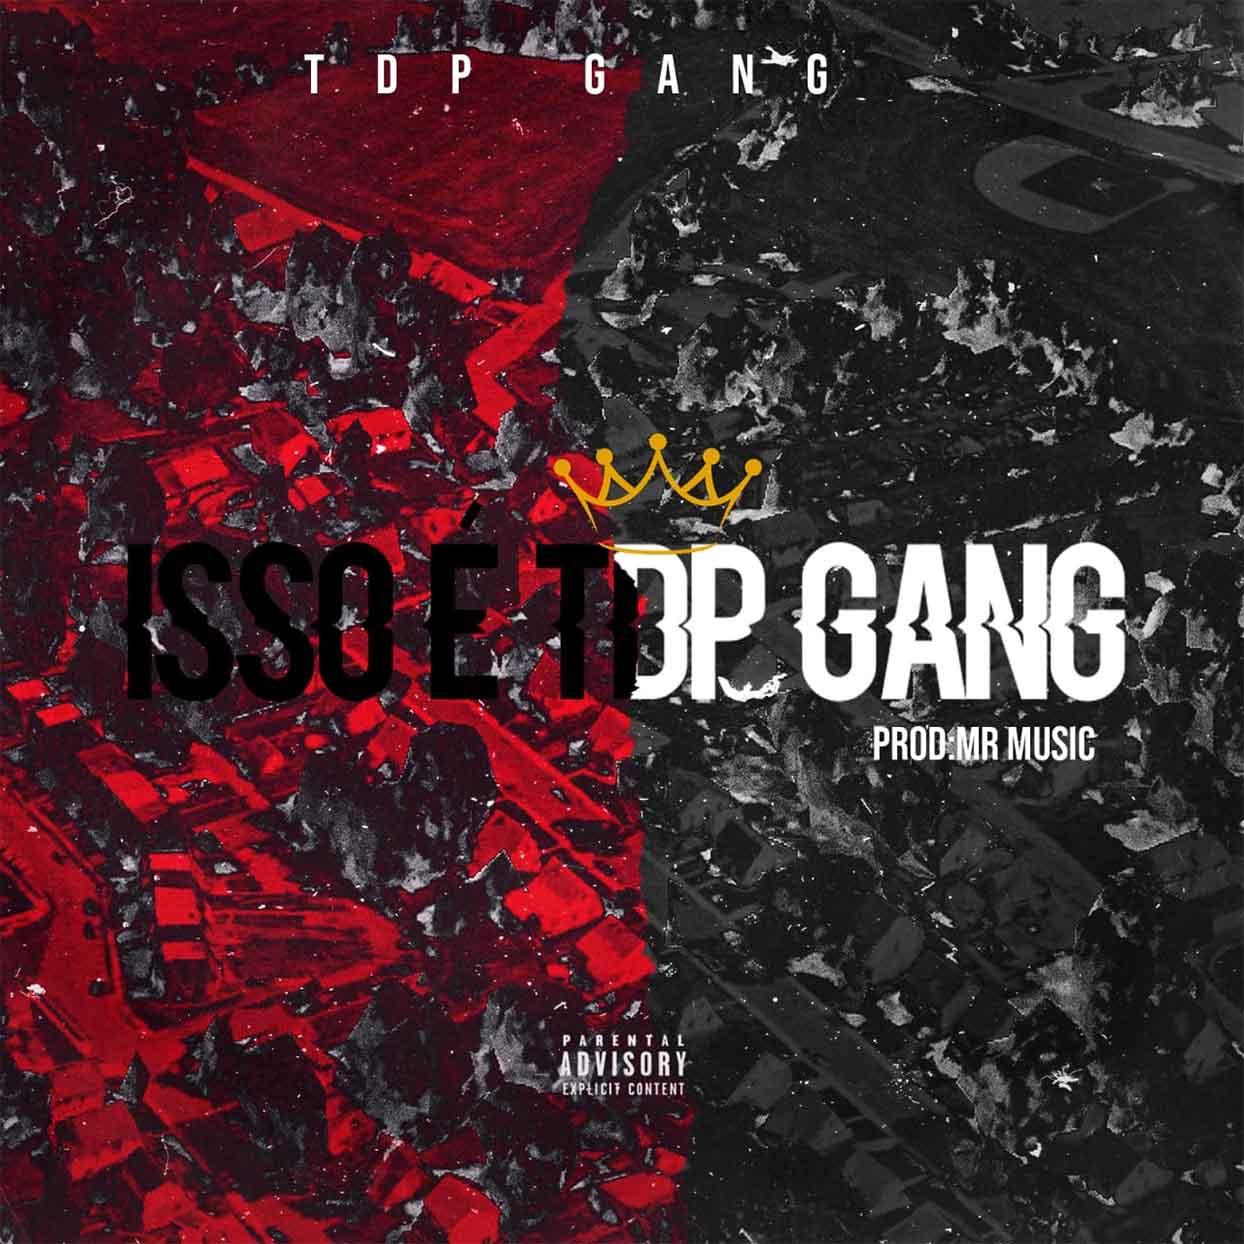 TDP Gang - Isso é TDP Gang